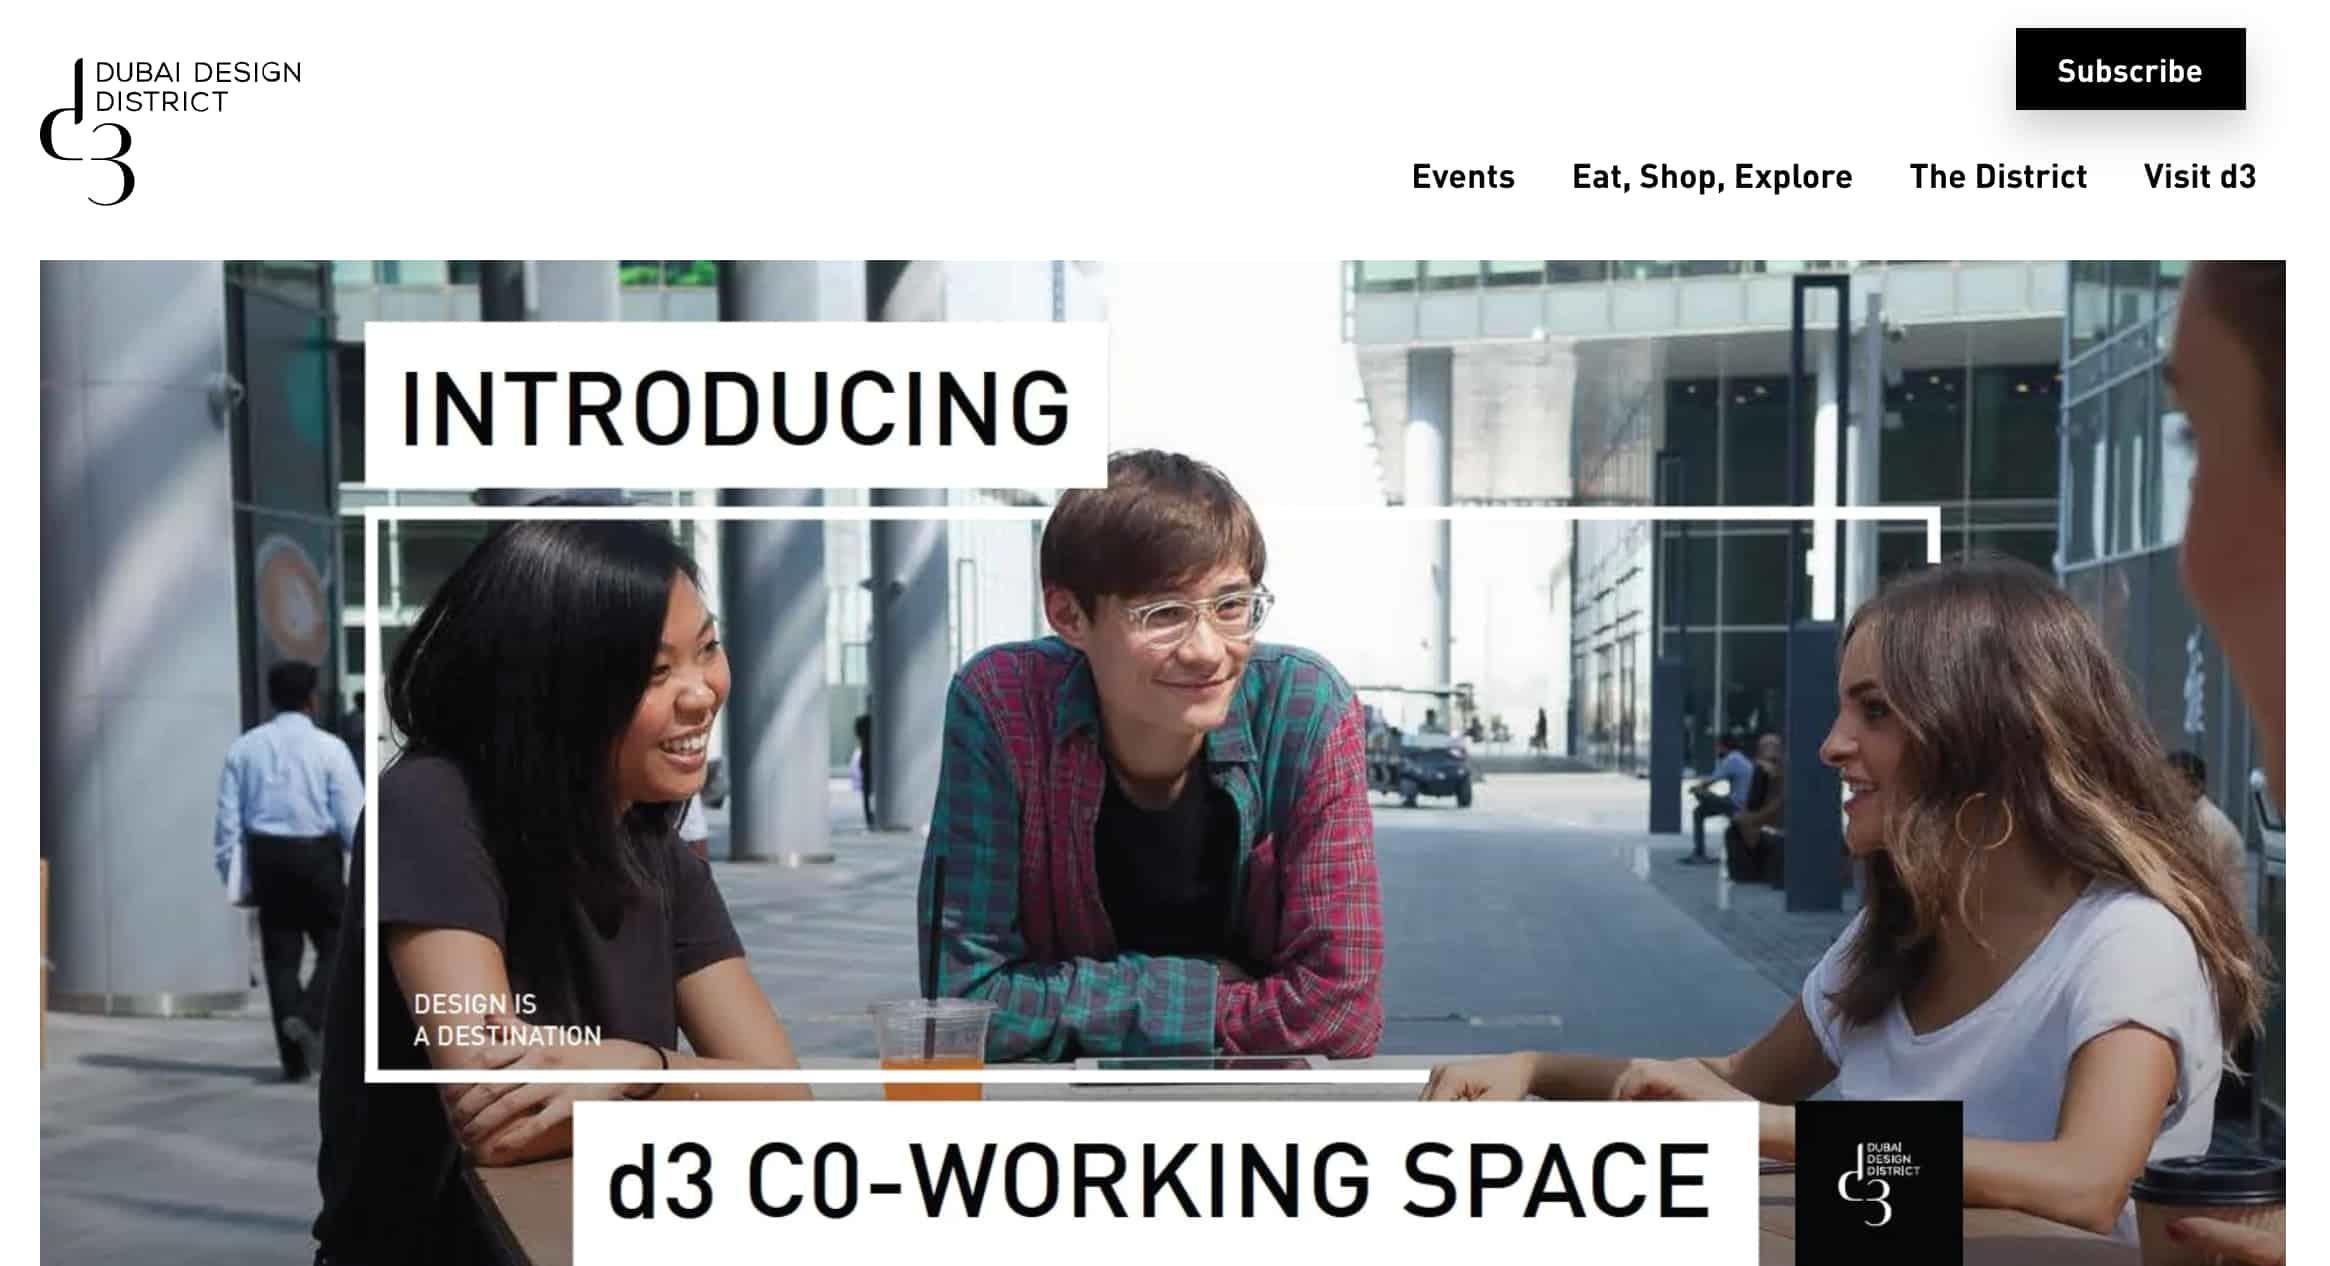 d3 Coworking Space Dubai